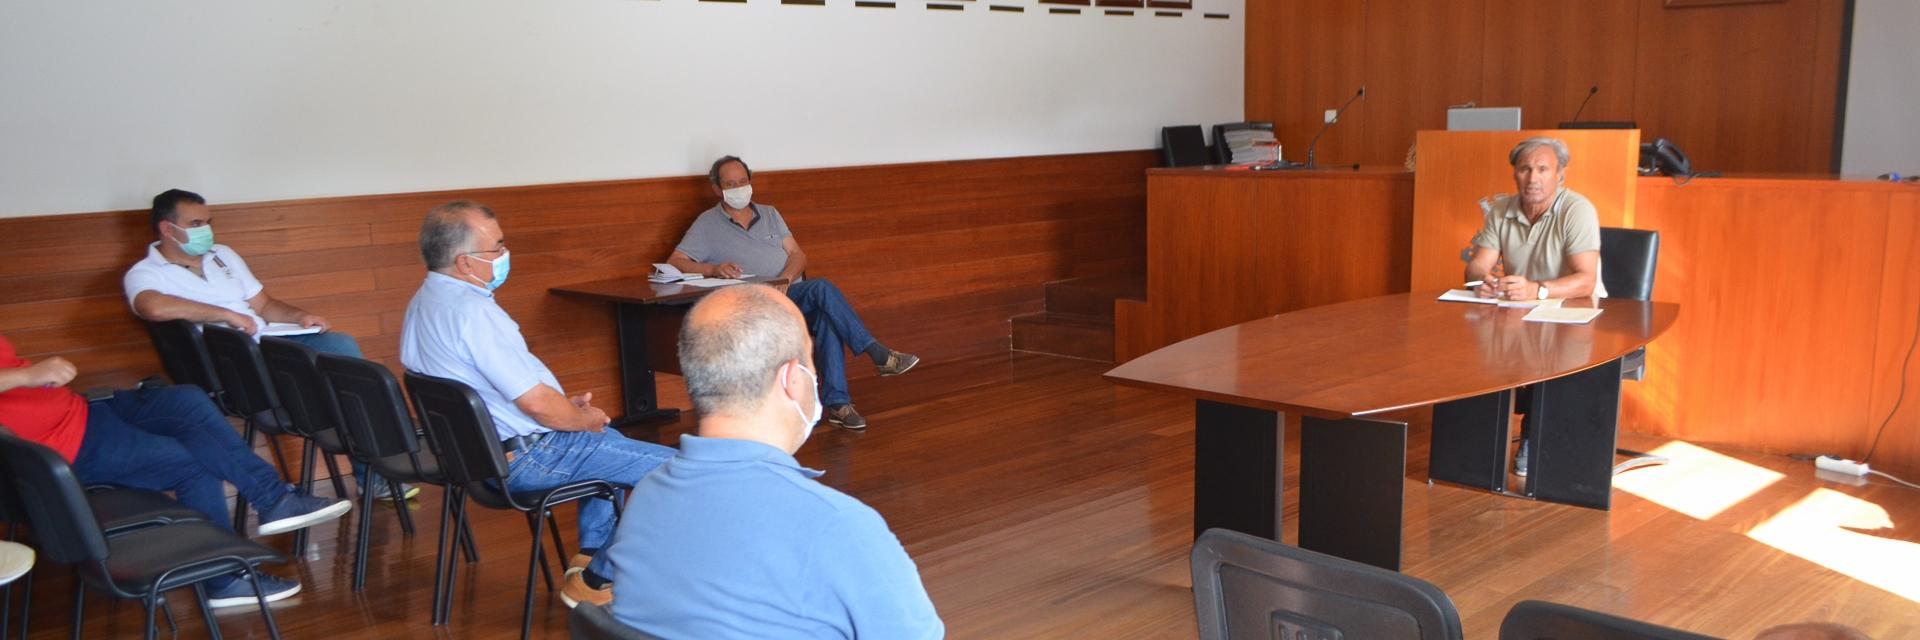 António Cardoso reuniu com os Presidentes de Junta